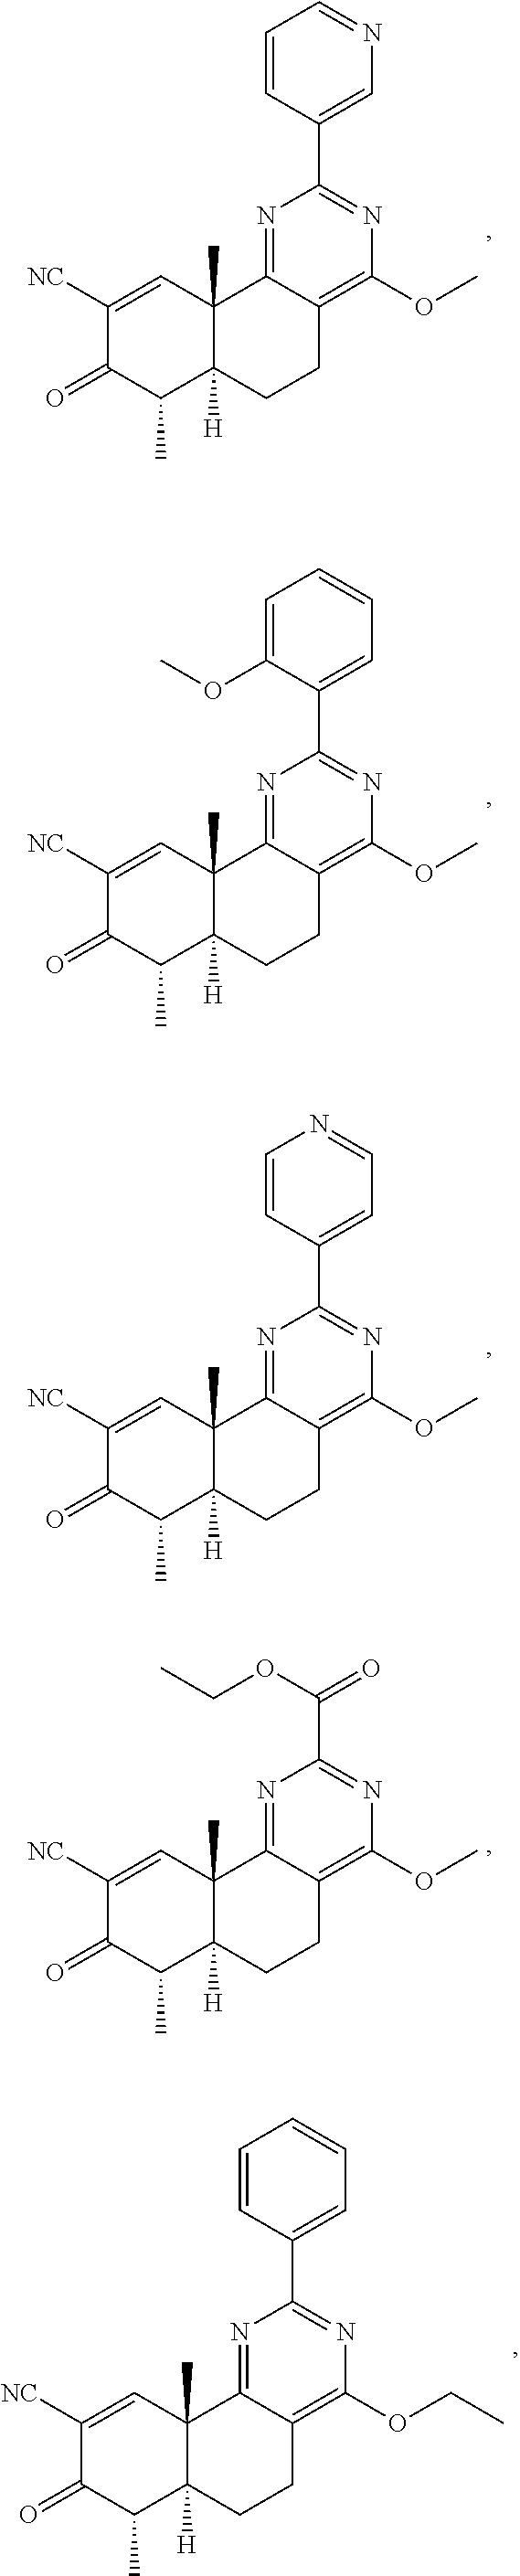 Figure US09174941-20151103-C00028